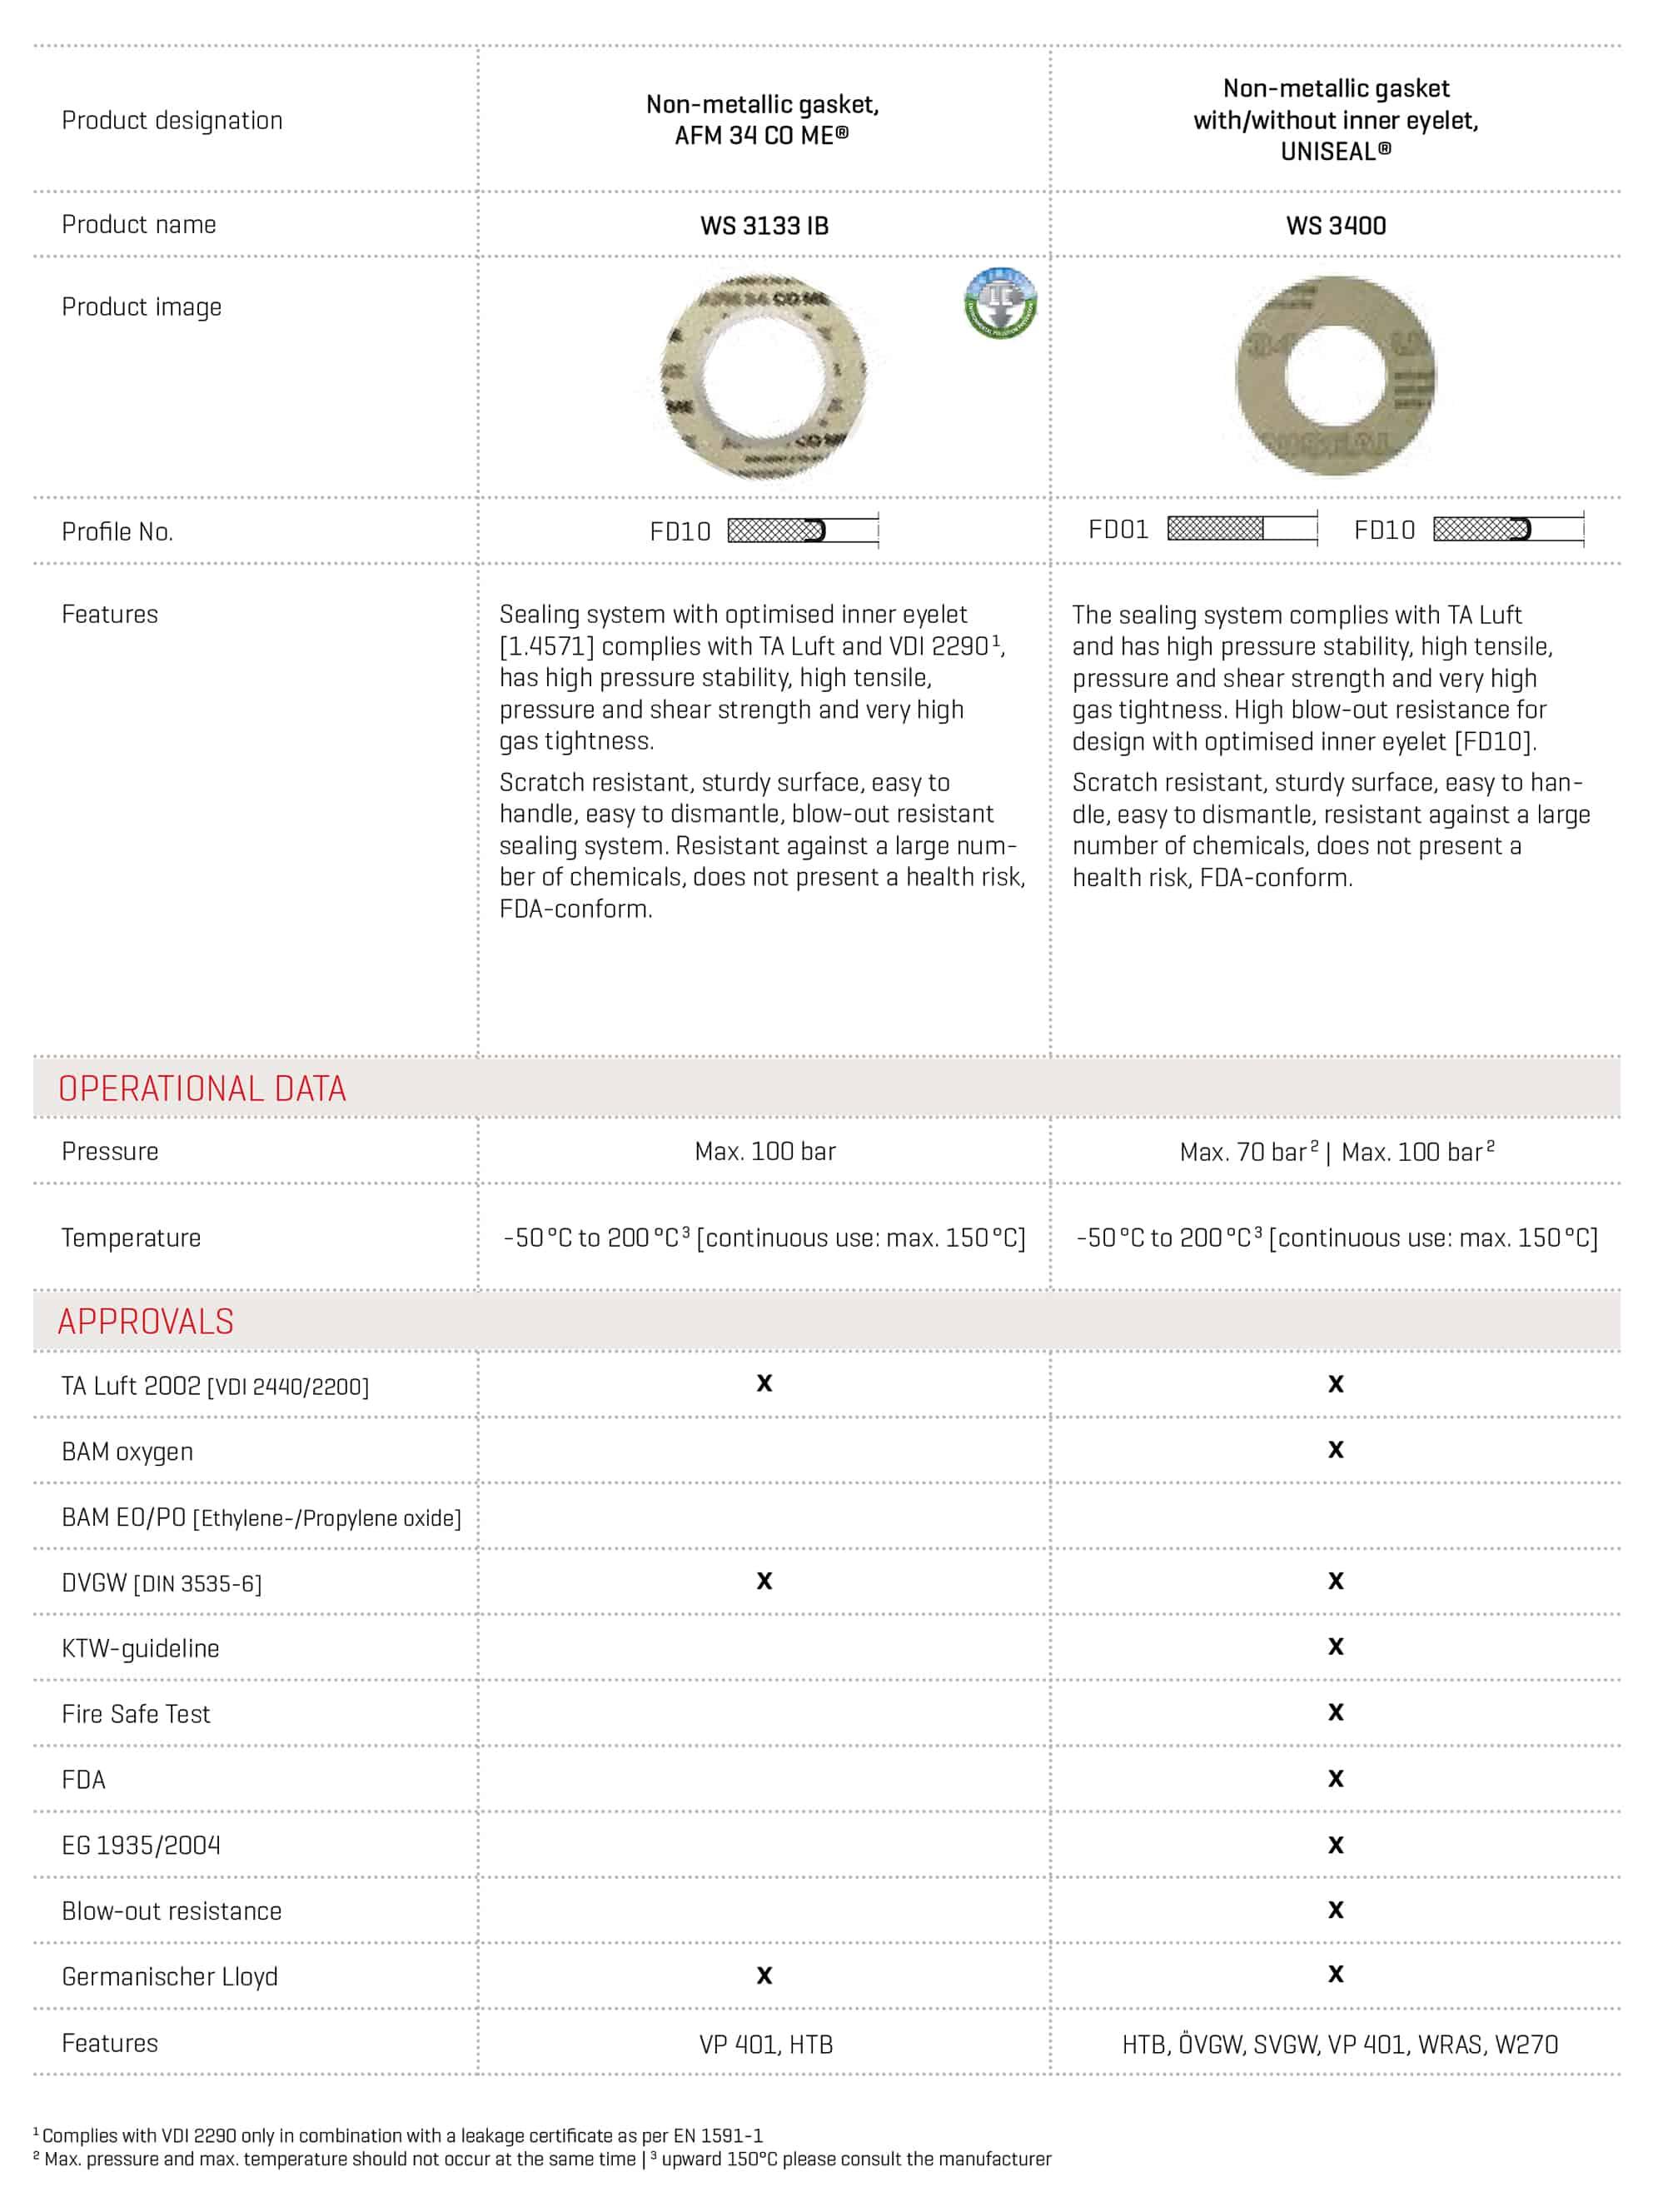 UNISEAL detailed datasheet